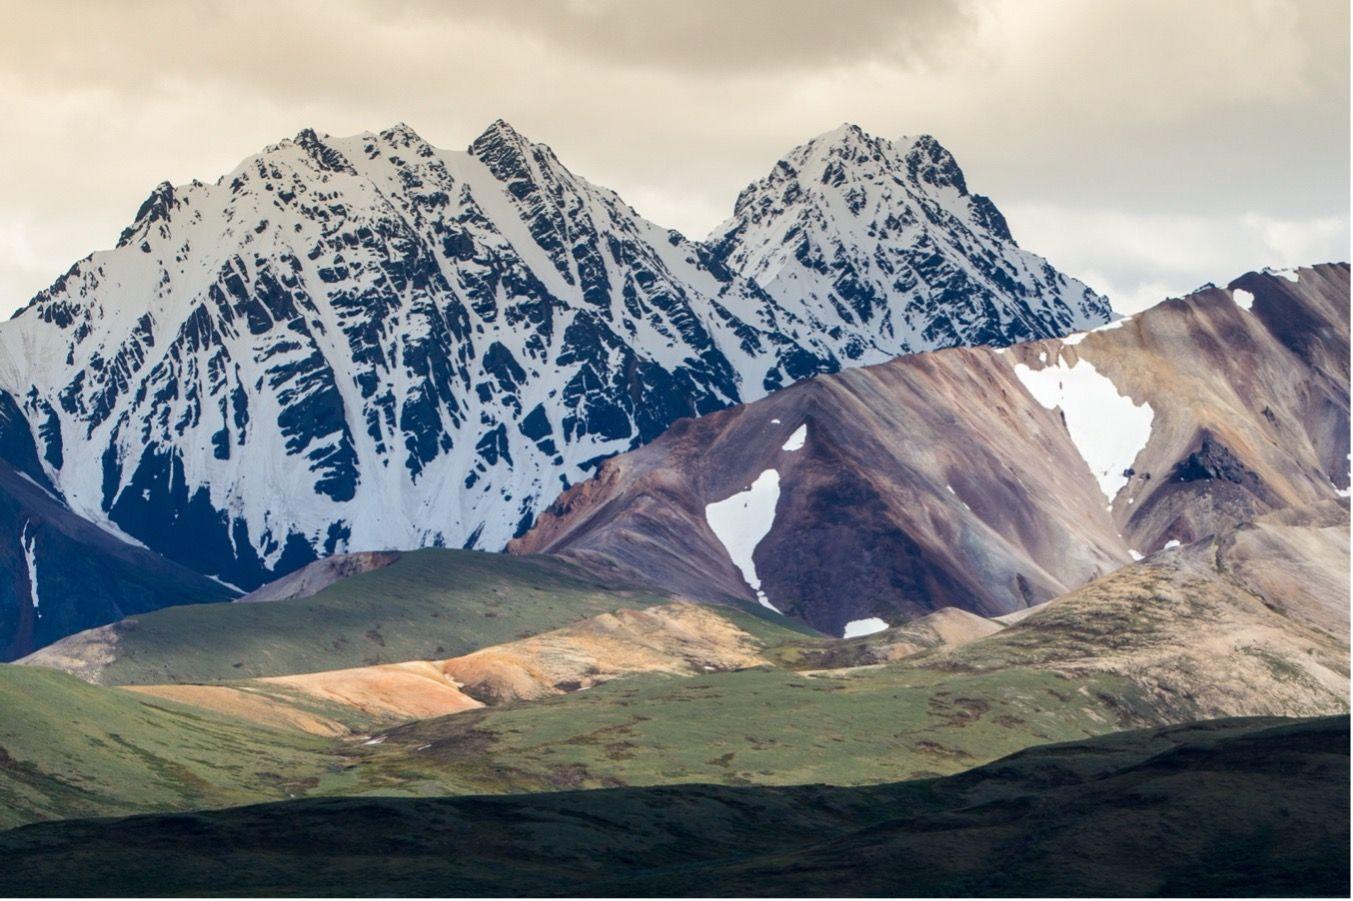 Las incomparables vistas del Denali National Park que enamoraron a Christopher McCandless en Hacia rutas salvajes.